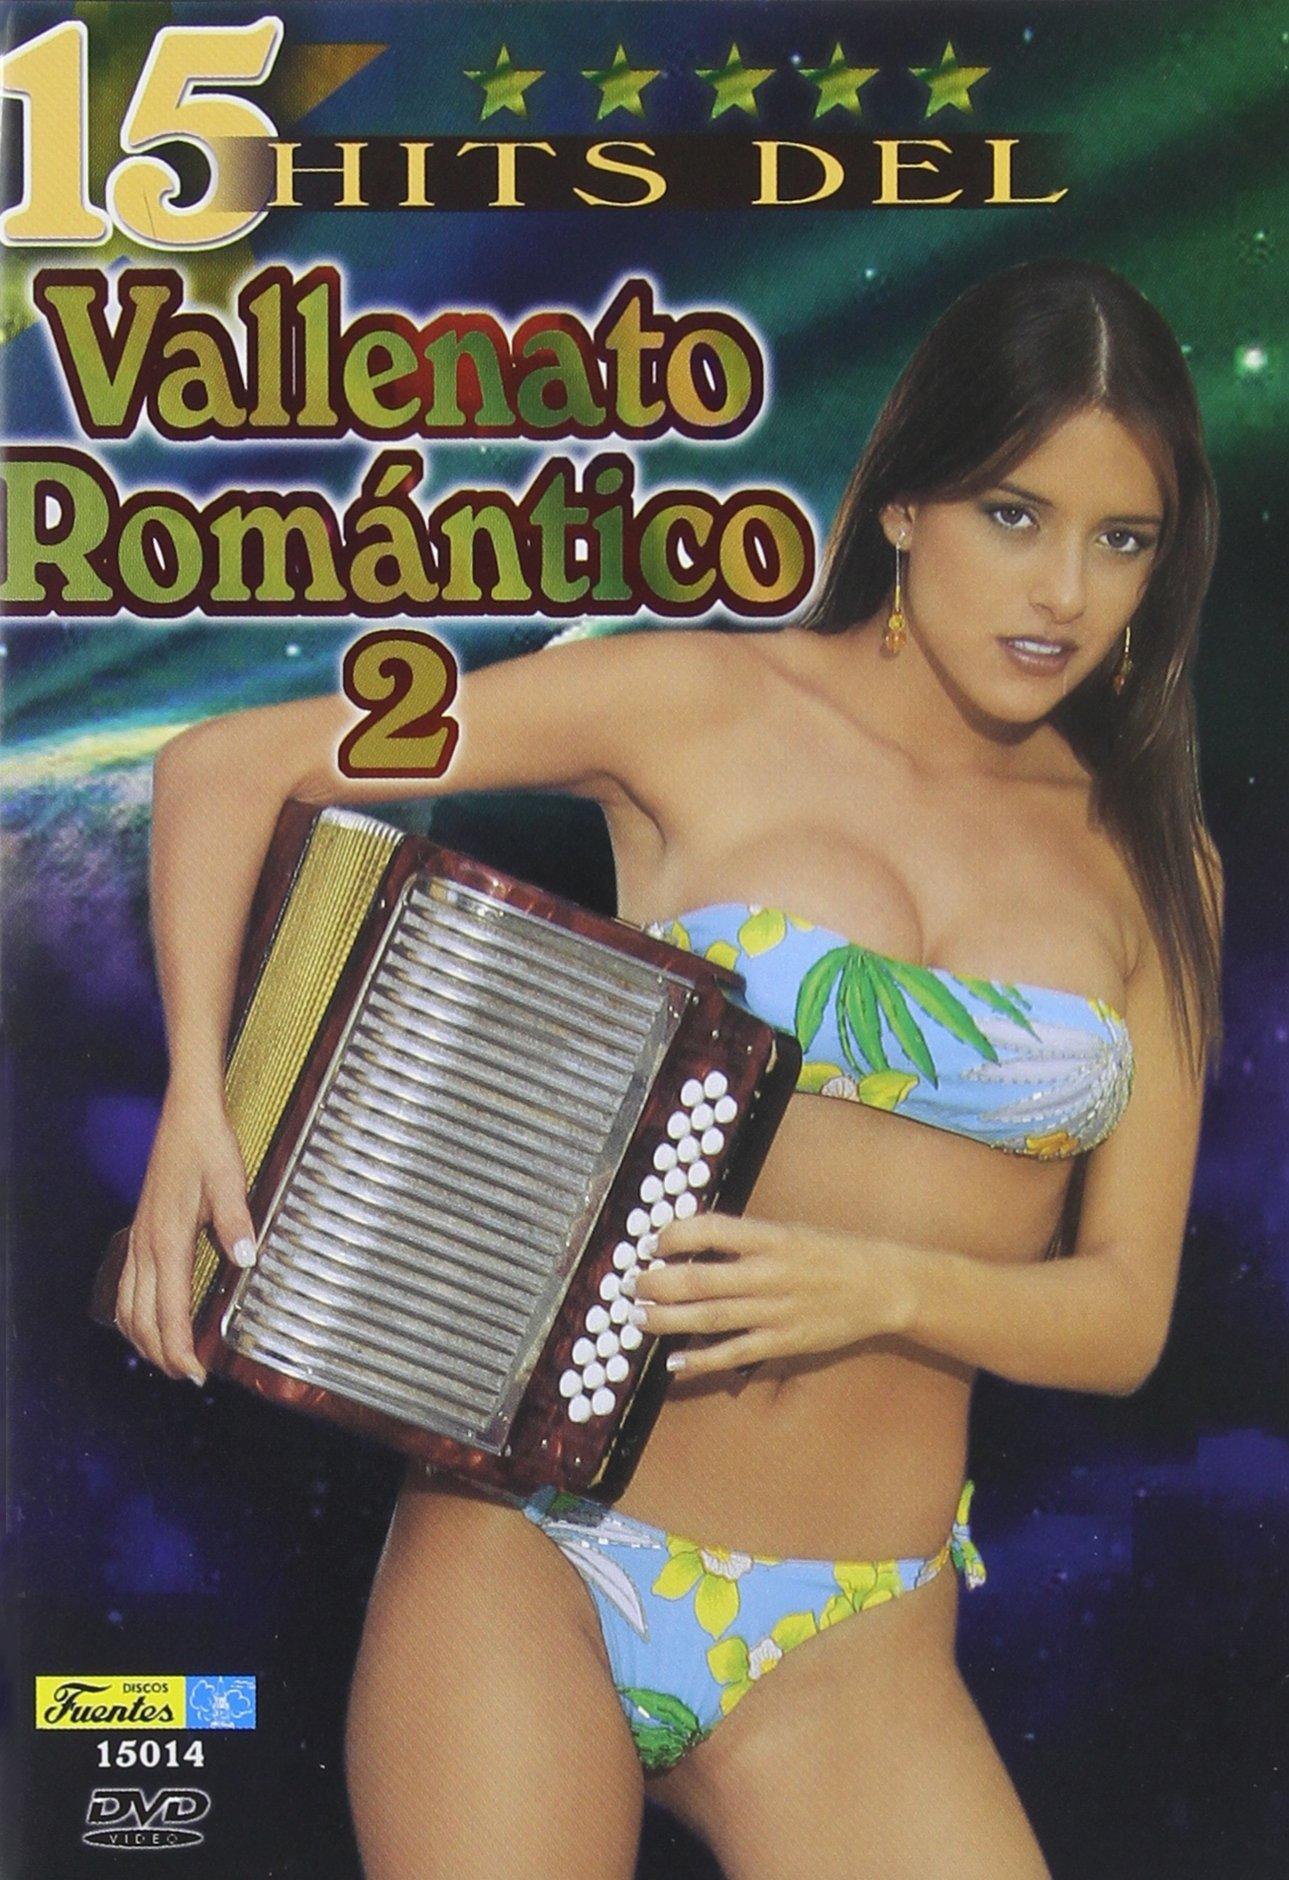 15 Hits del Vallenato Romantico, Vol. 2